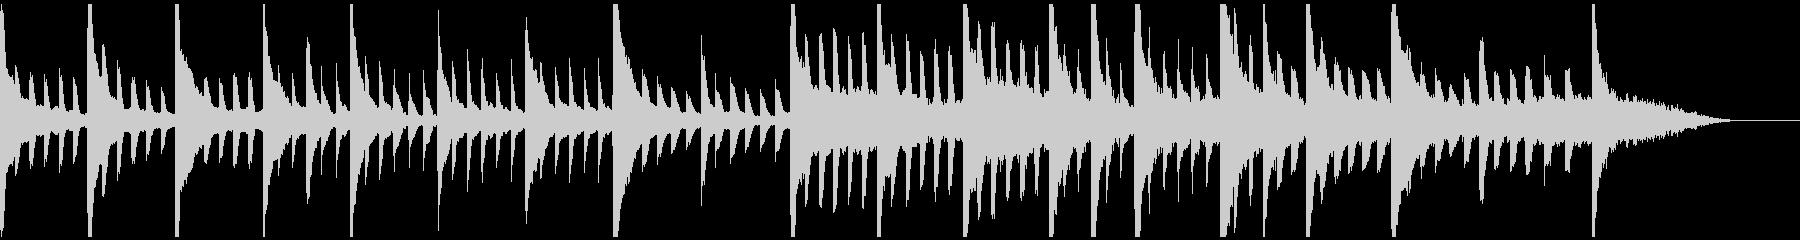 雨音をイメージしたピアノの未再生の波形